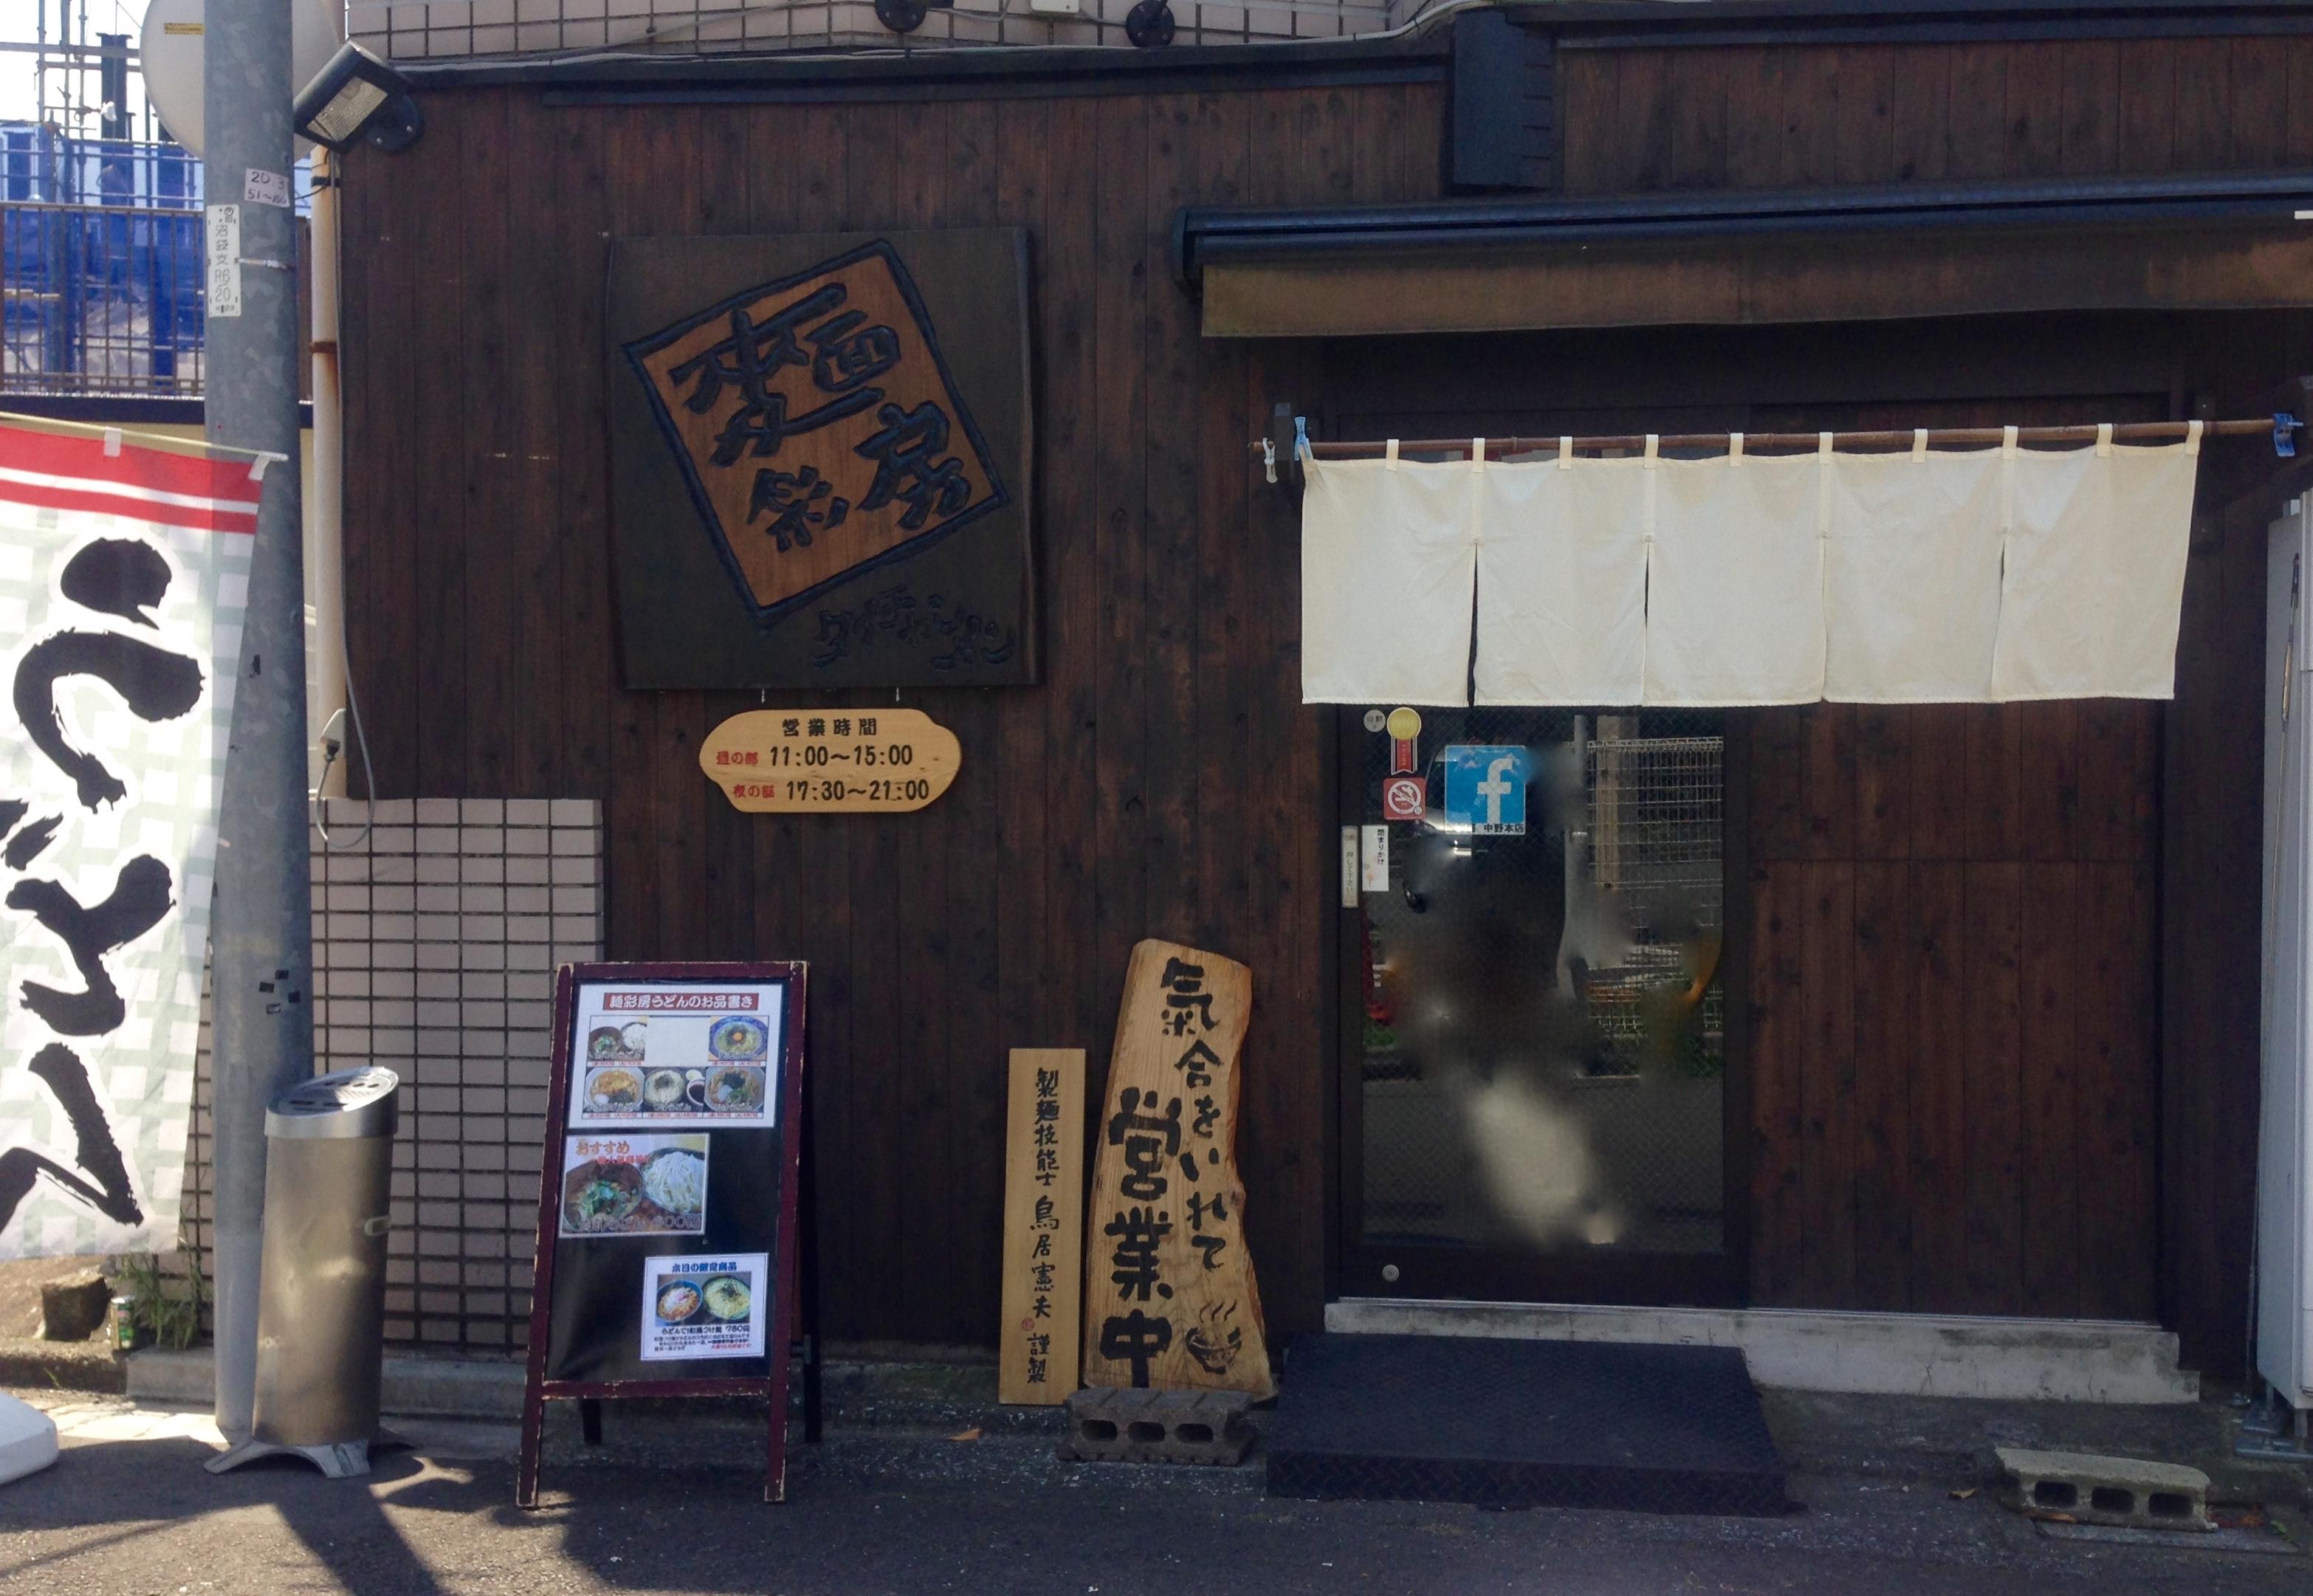 麺彩房うどん@麺彩房中野本店 東京都中野区新井3−6−7